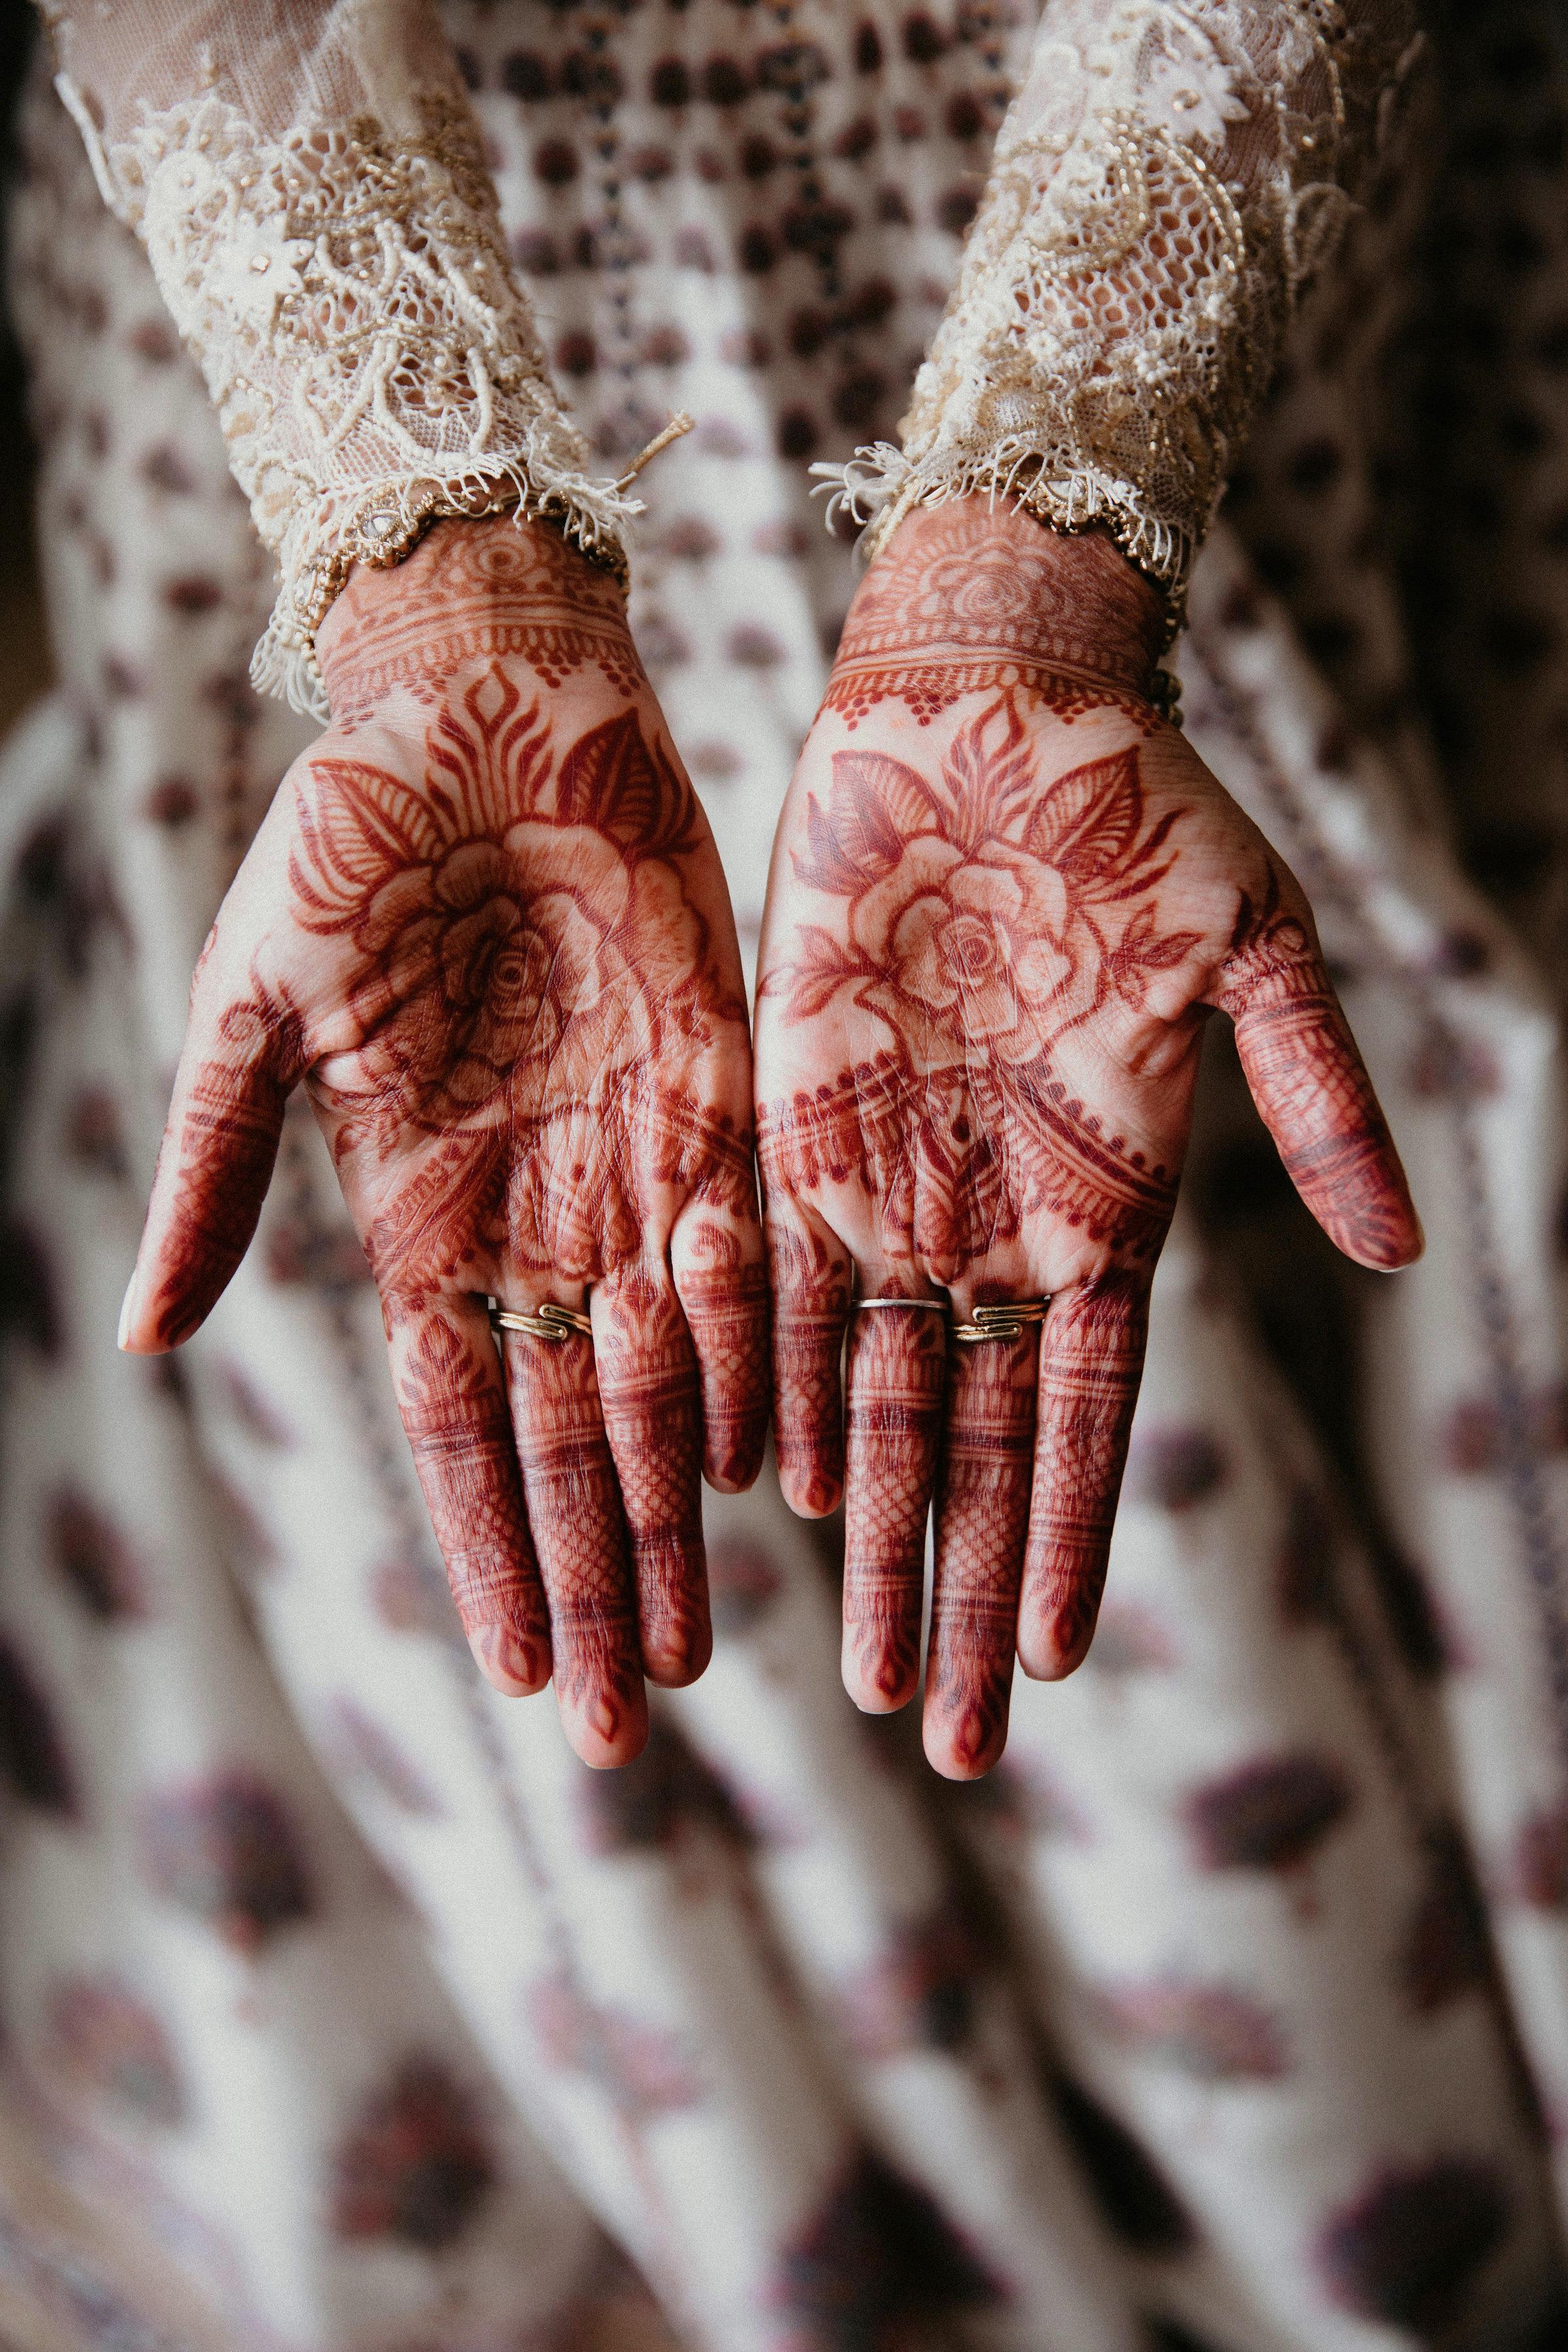 bride freestyle floral design on hands